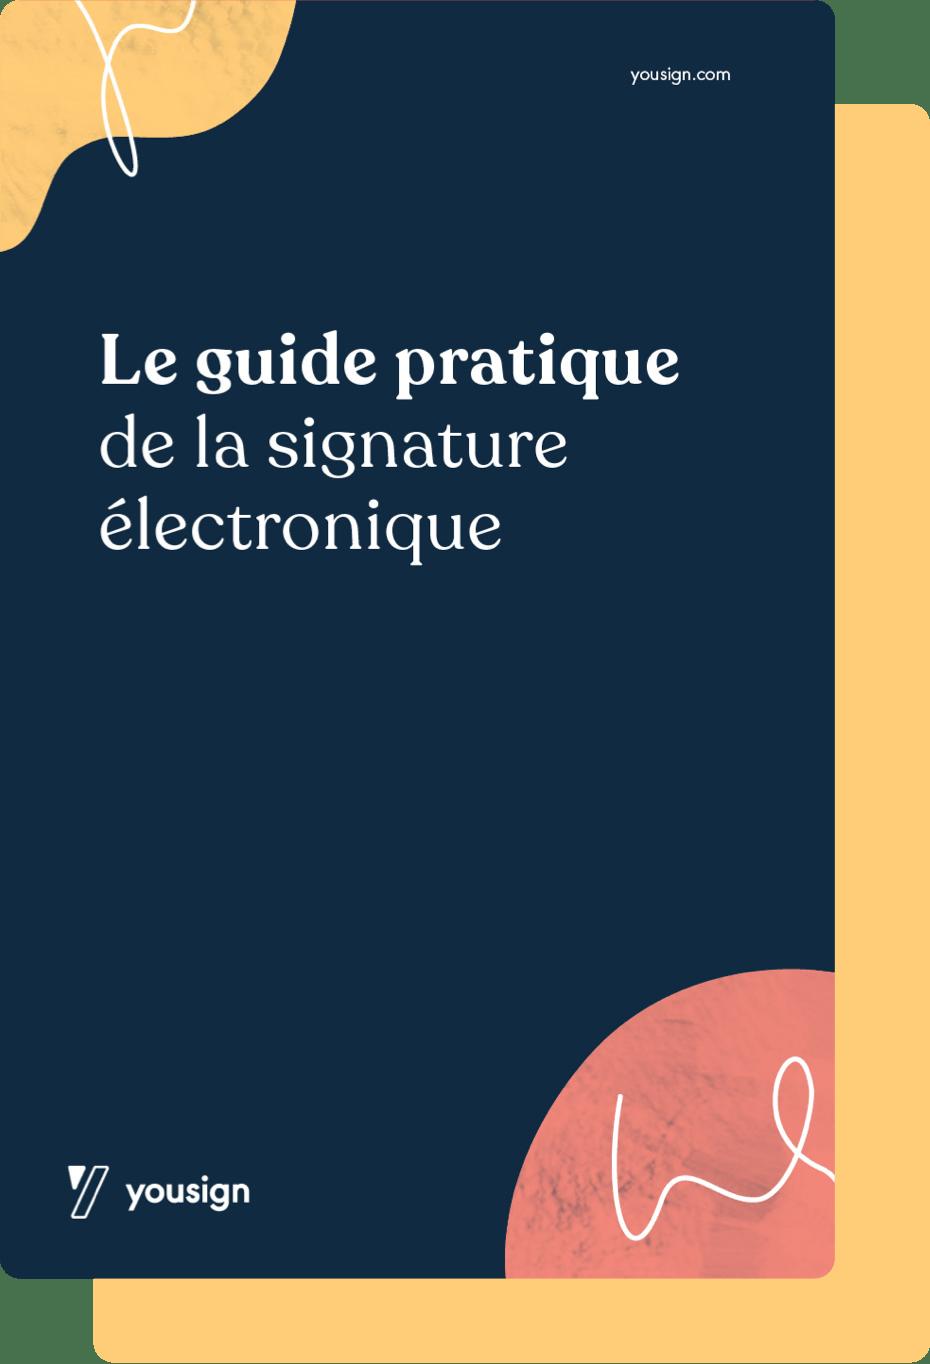 Guide pratique de la signature électronique